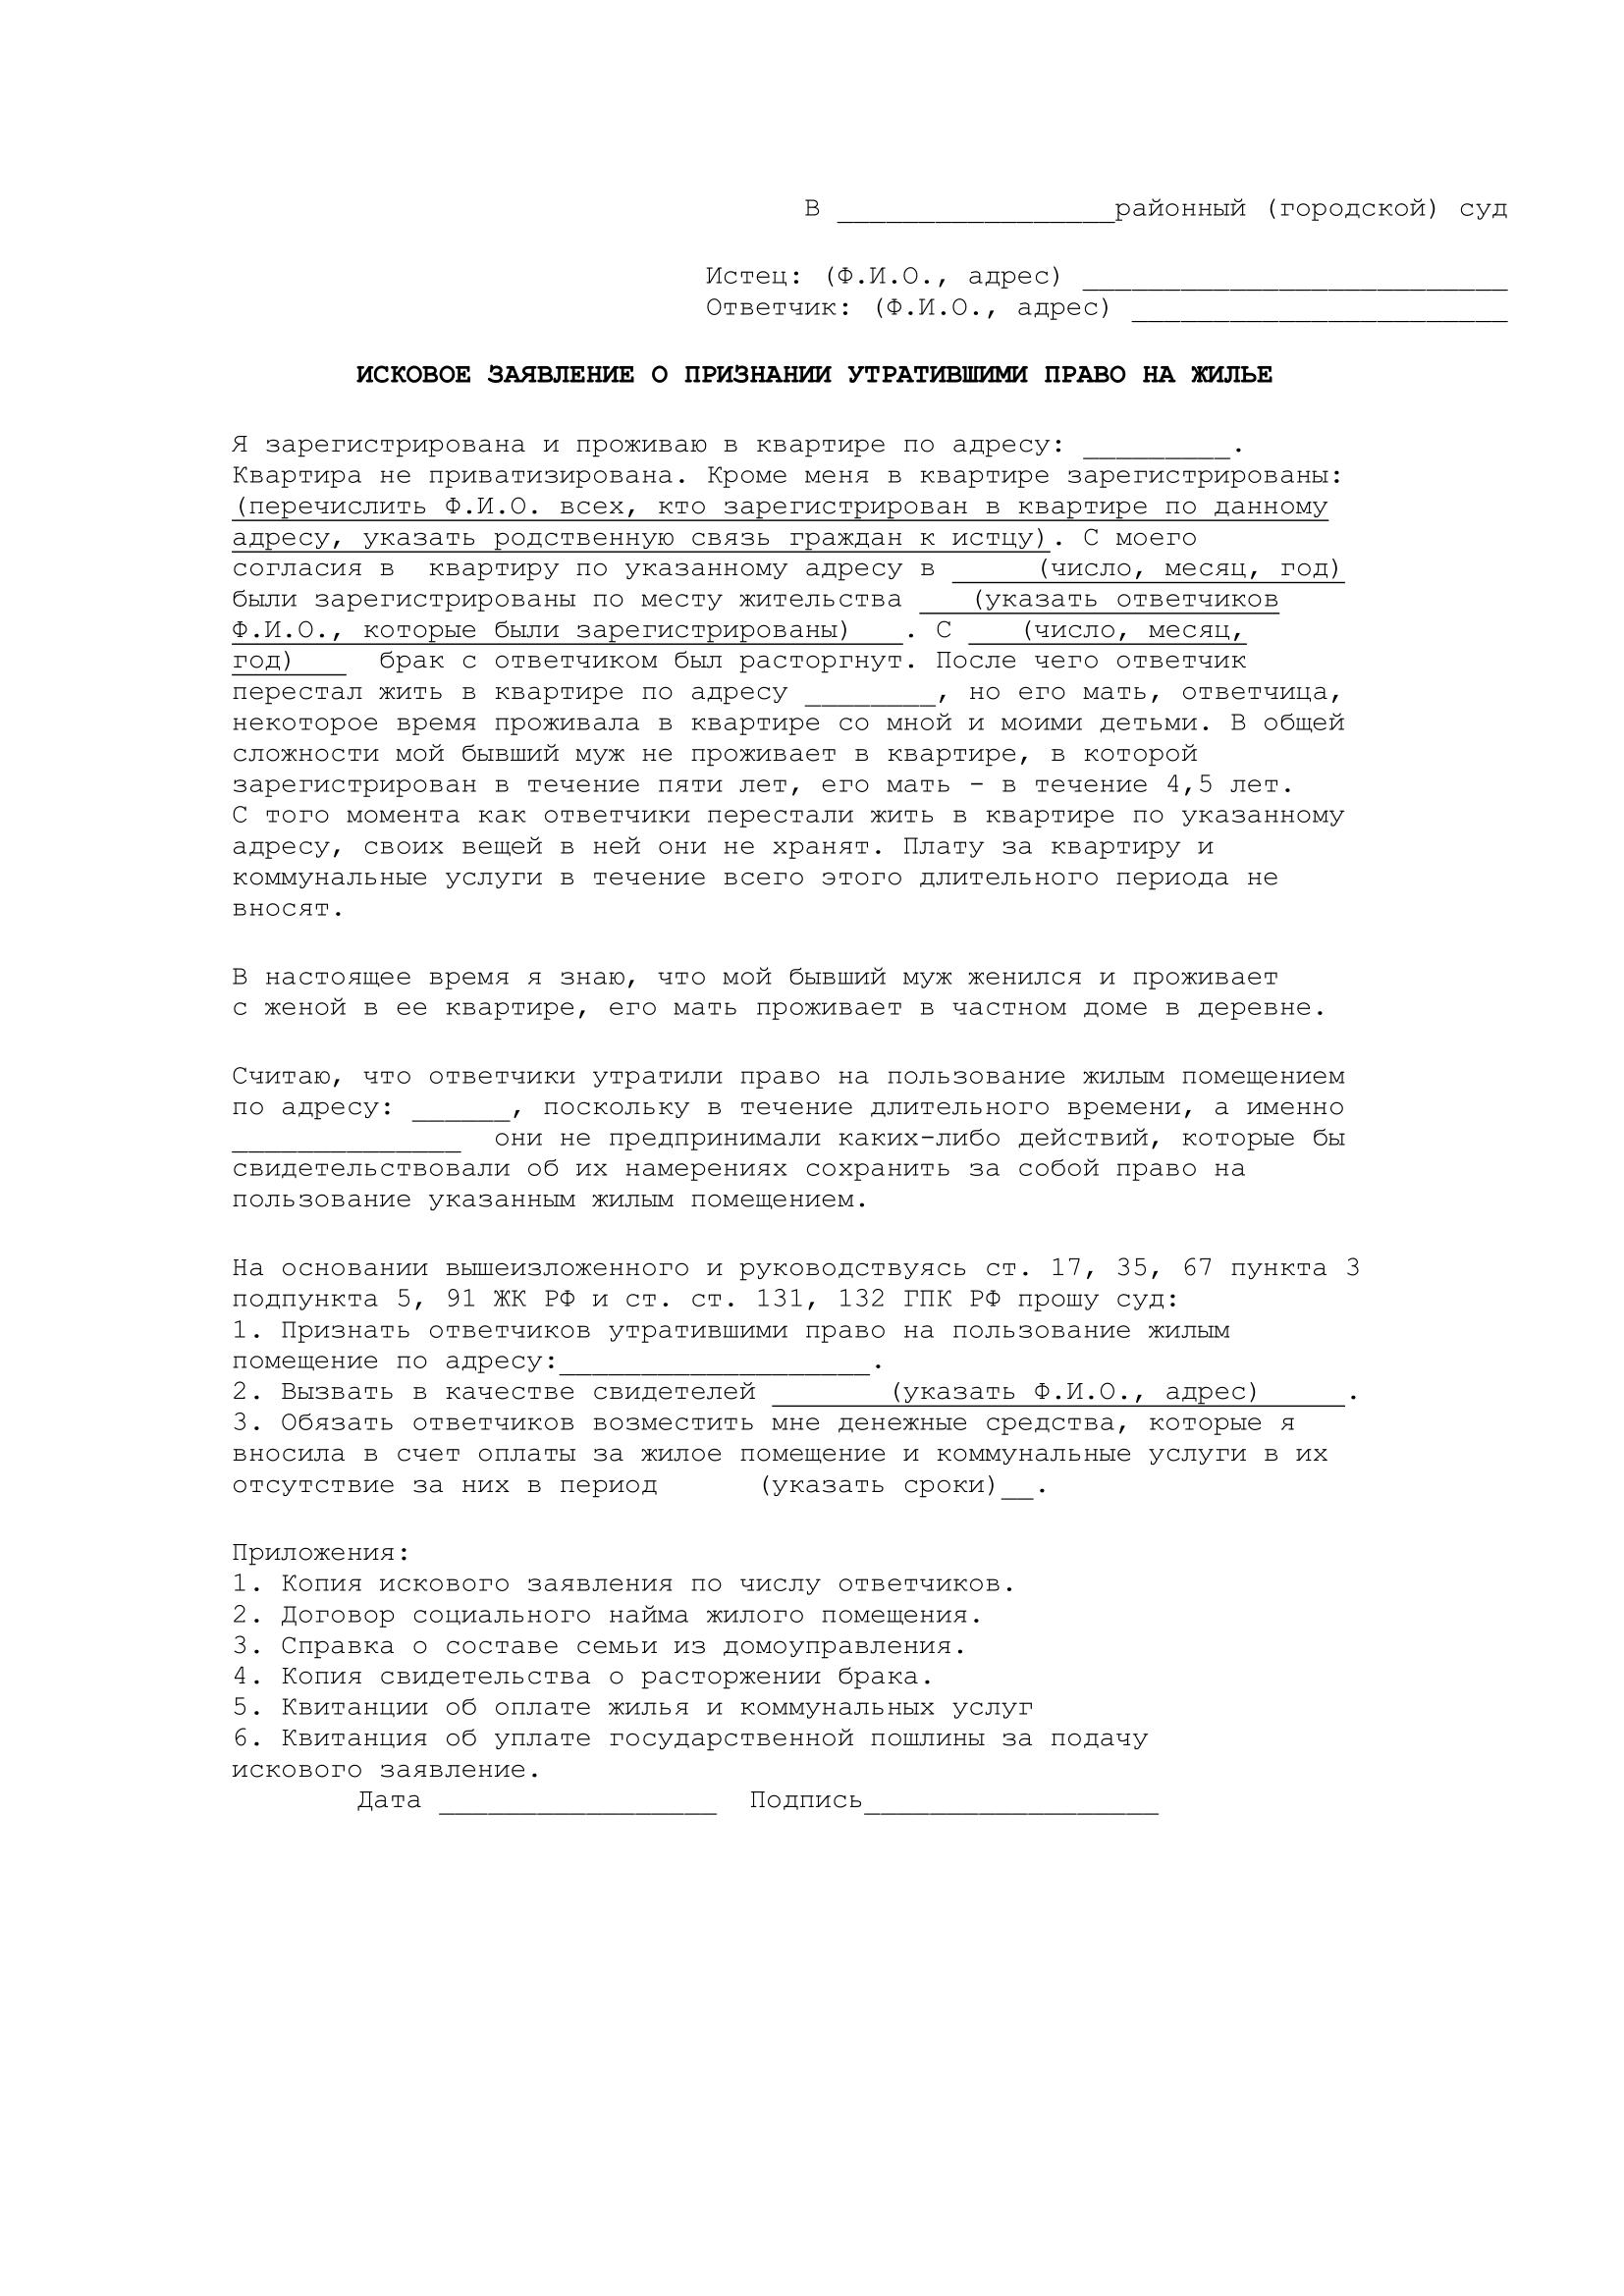 Образец искового заявления о выселении из муниципальной квартиры